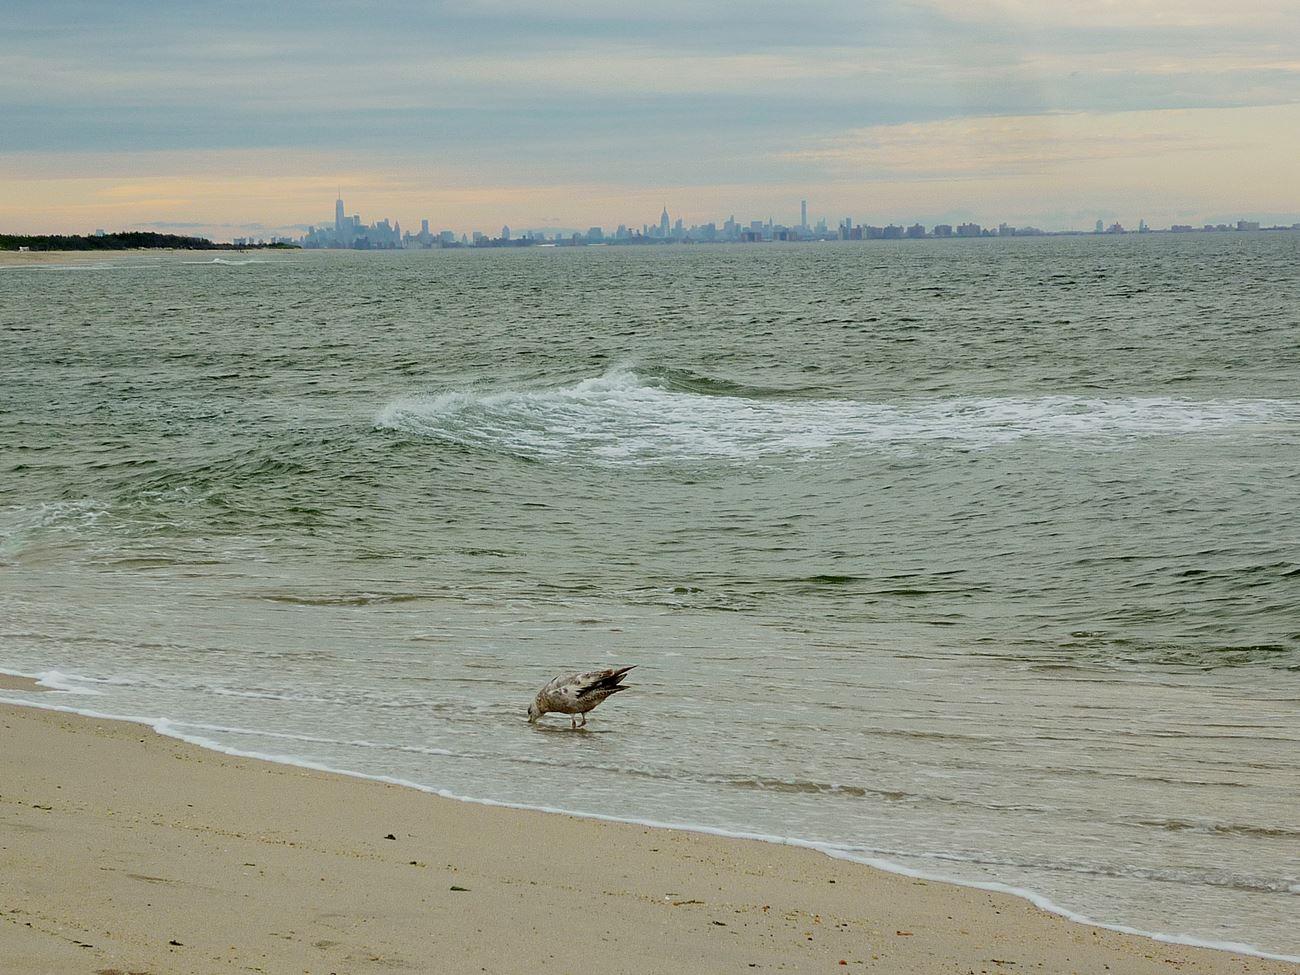 Sandy Hook - Skyline aus der FerneSandy Hook - Skyline aus der Ferne